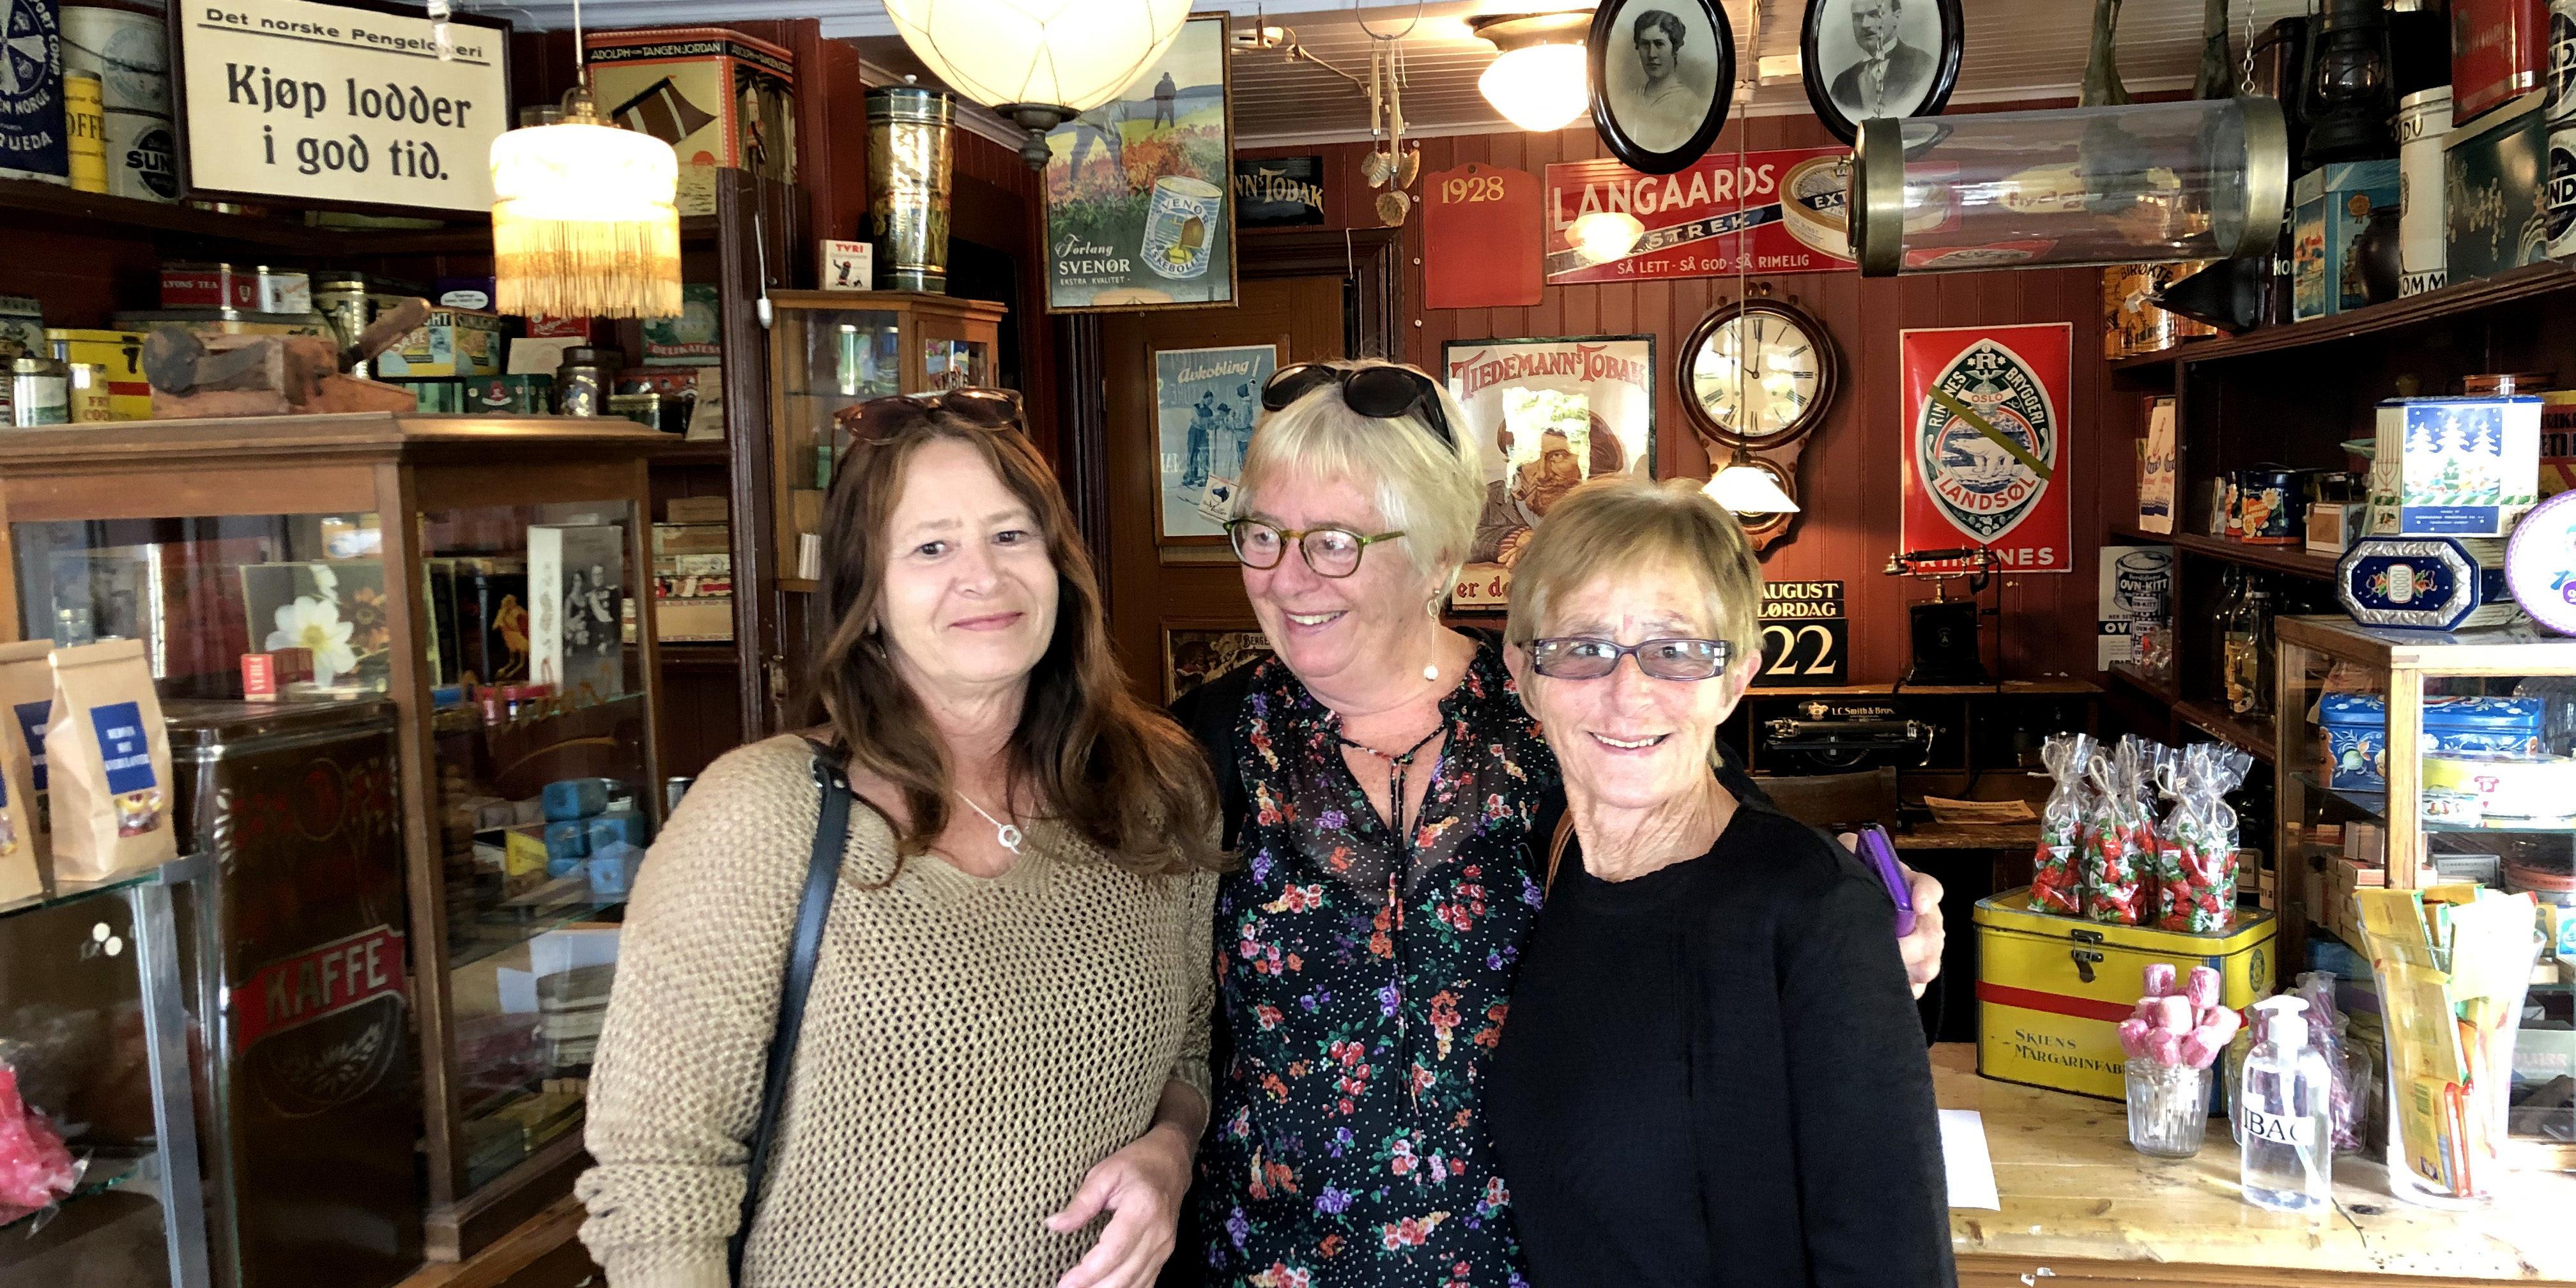 En augustdag kom disse tre søstrene på besøk til Brekkeparken, og ville se Kleivbutikken grandtanta Lovise Olsen drev på 1960-tallet. Fra venstre: Berit Flåtelien, Eva Nygaard og Grethe Adriansen.